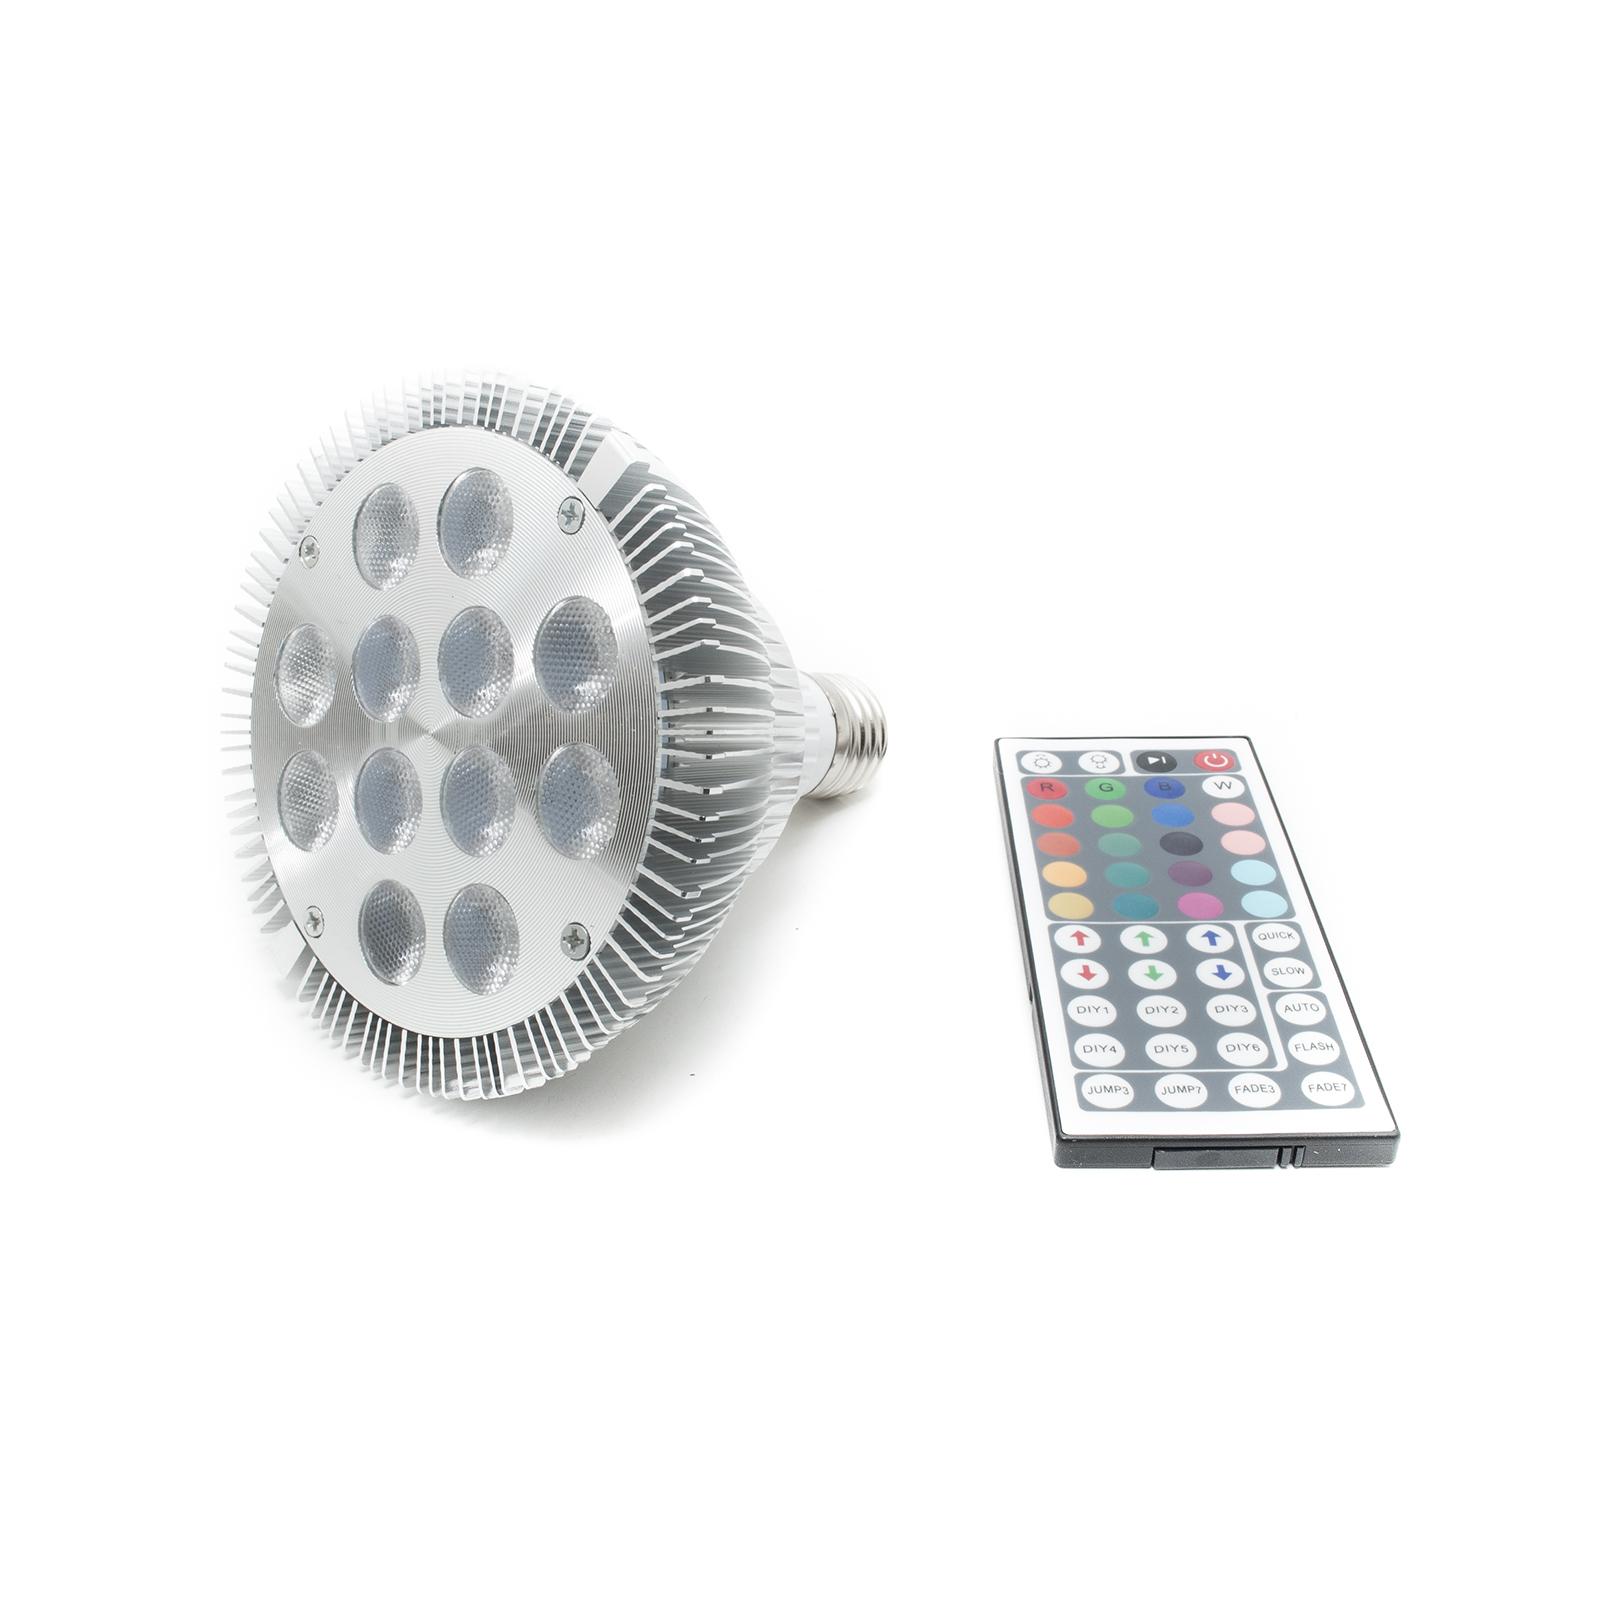 lampada spot led e27 rgb 12w par38 faretto multi colore 230v ad alta potenza luminosa - Spot Led Multicolore